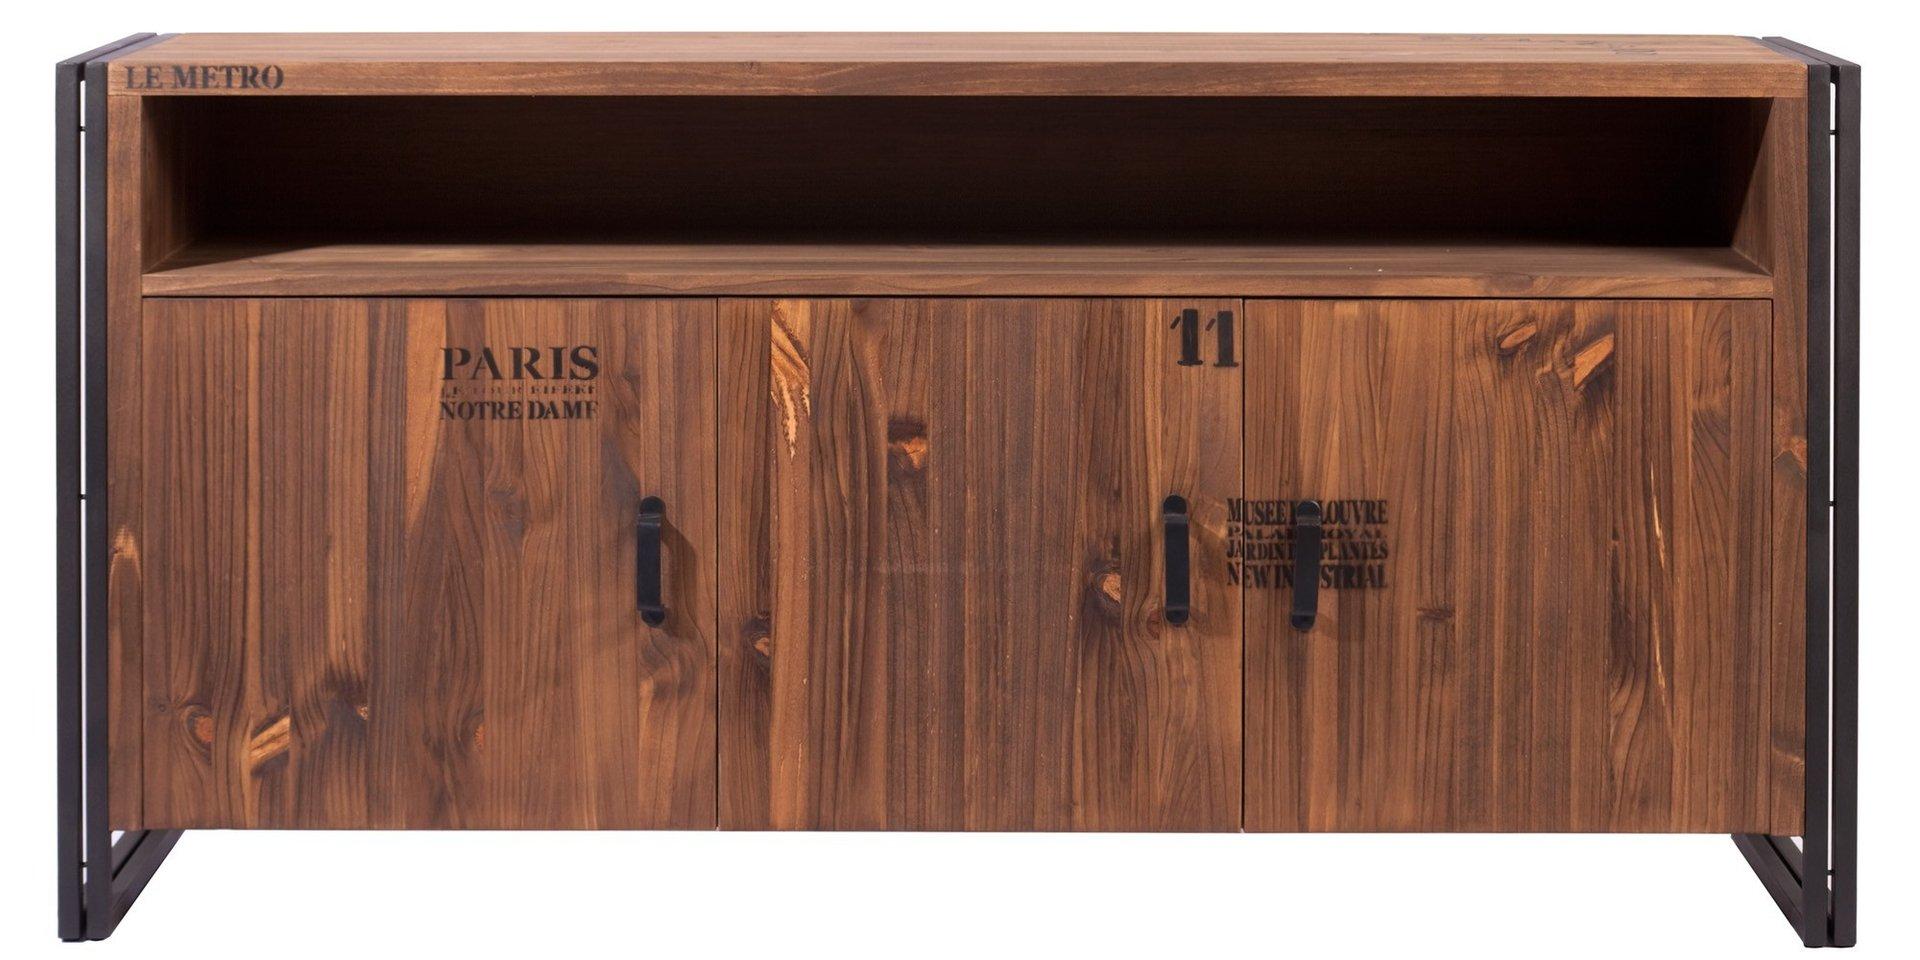 Muebles estilo industrial muebles estilo industrial for Muebles estilo industrial baratos